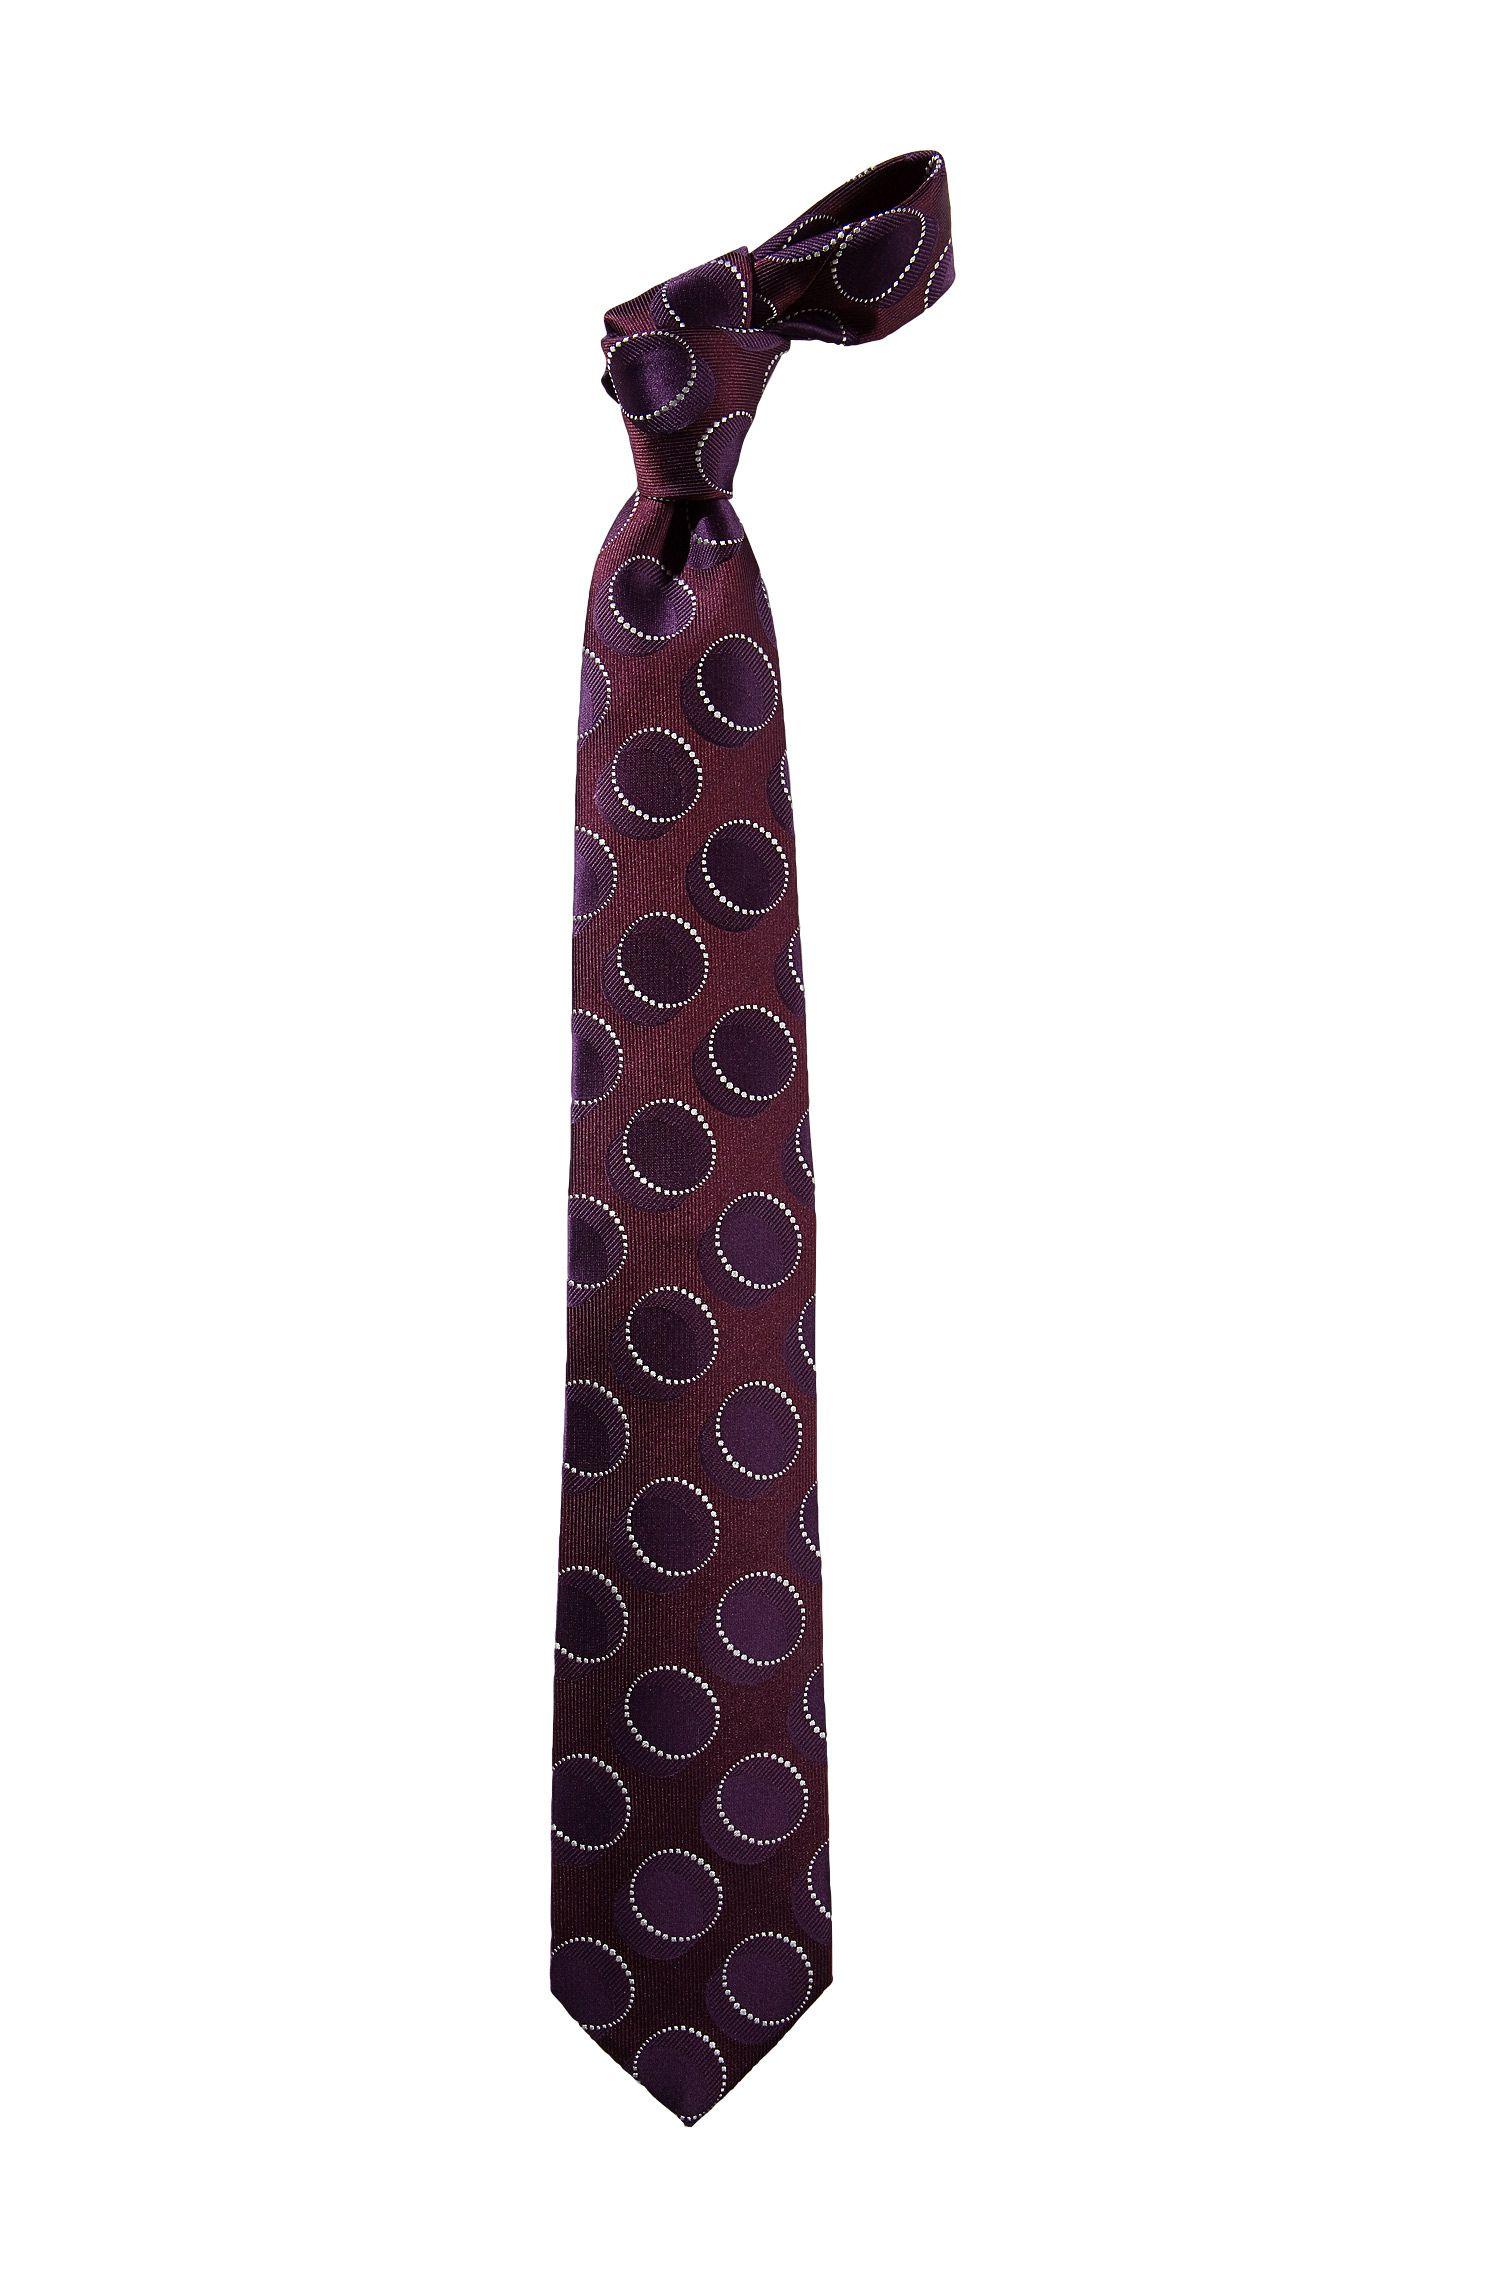 Krawatte ´Tie 7,5 cm` mit Retro-Dessin